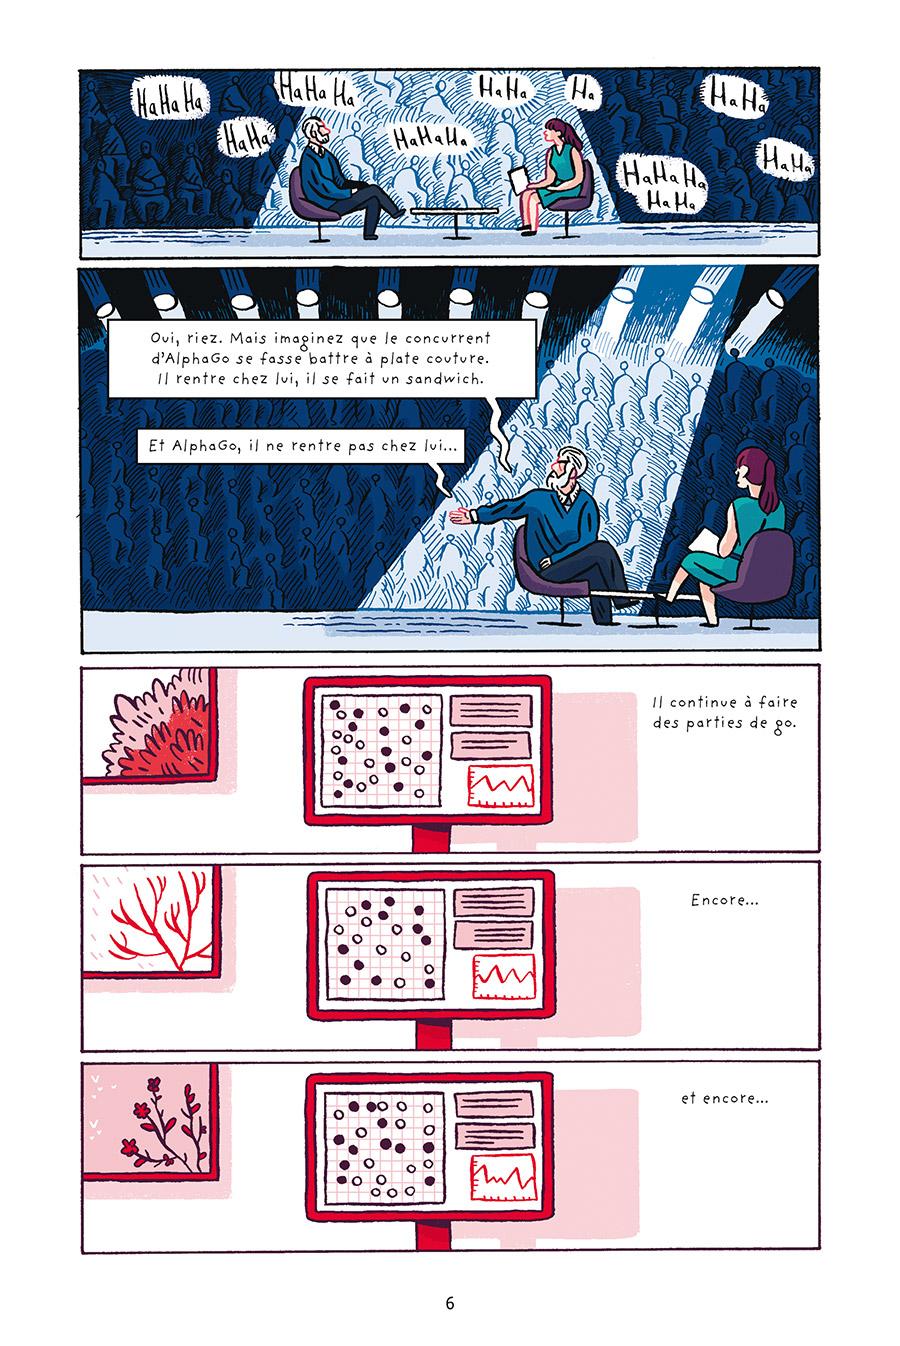 Intelligences Artificielles -Miroirs de nos vies-, planche de l'album © Delcourt / Chochois / Zephir / Tigre